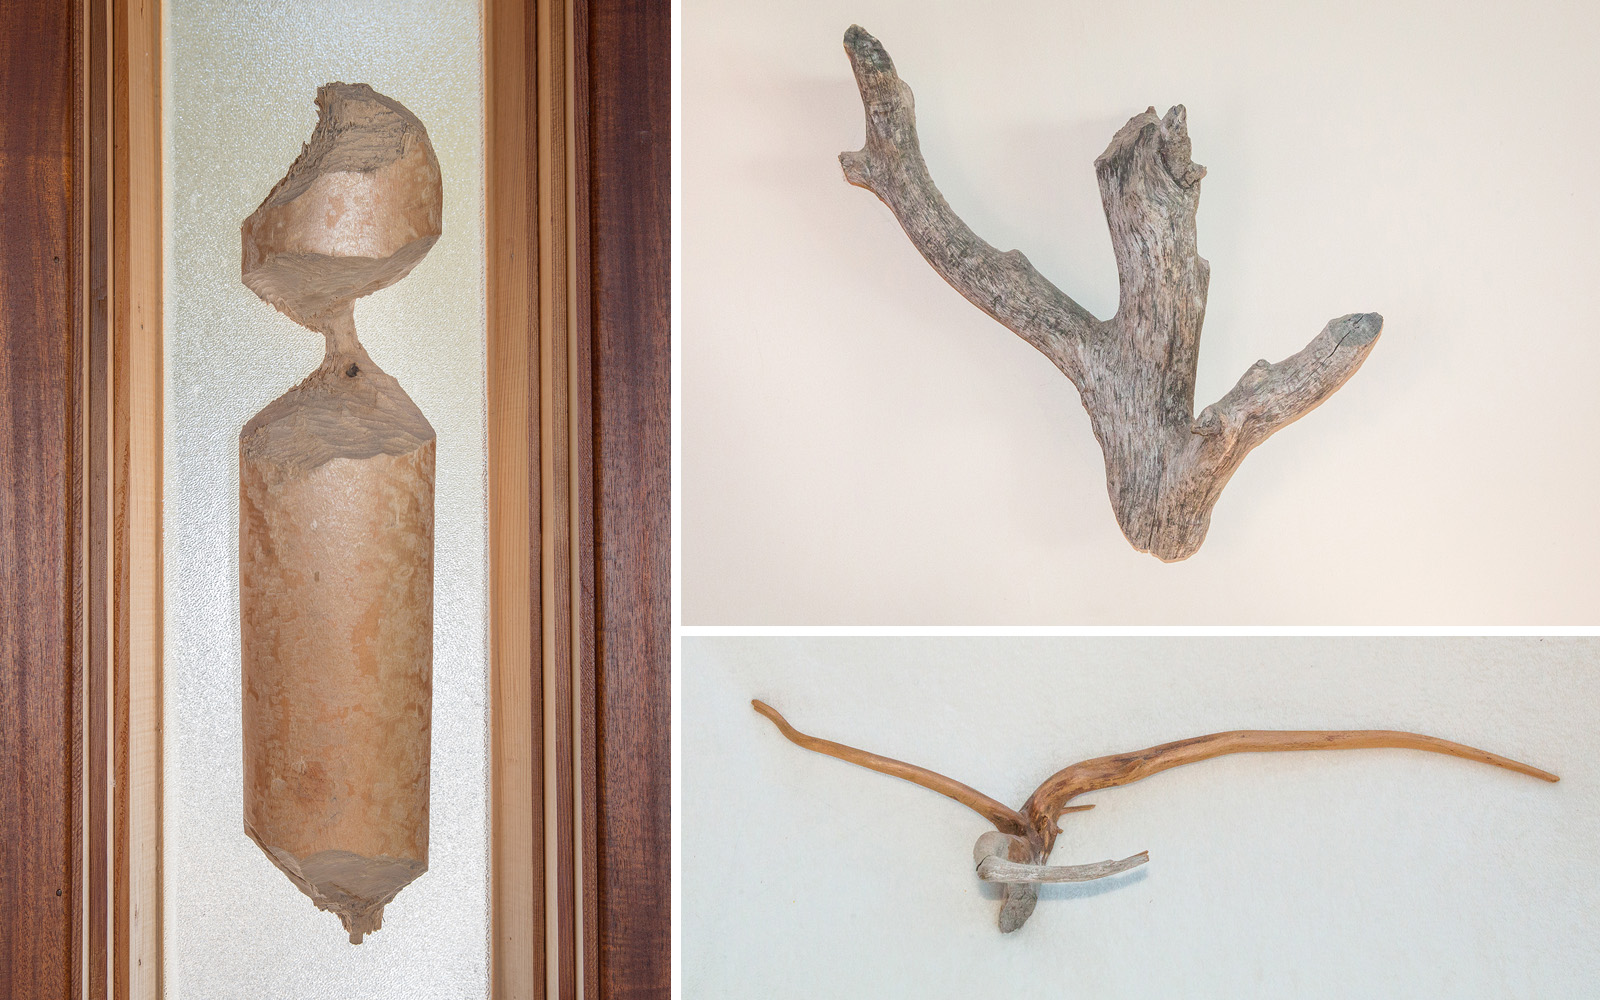 Beaver sculptures